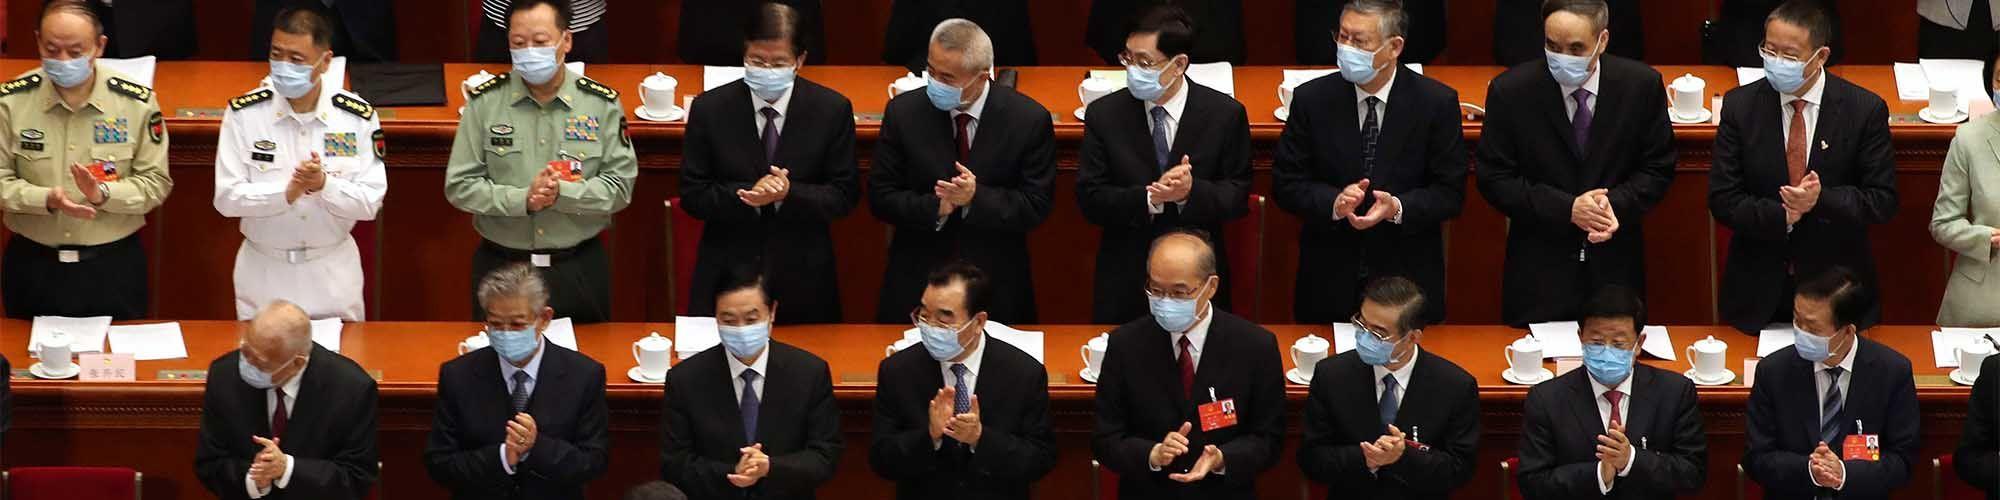 Guetteurs et tocsin En soutien à Hong Kong